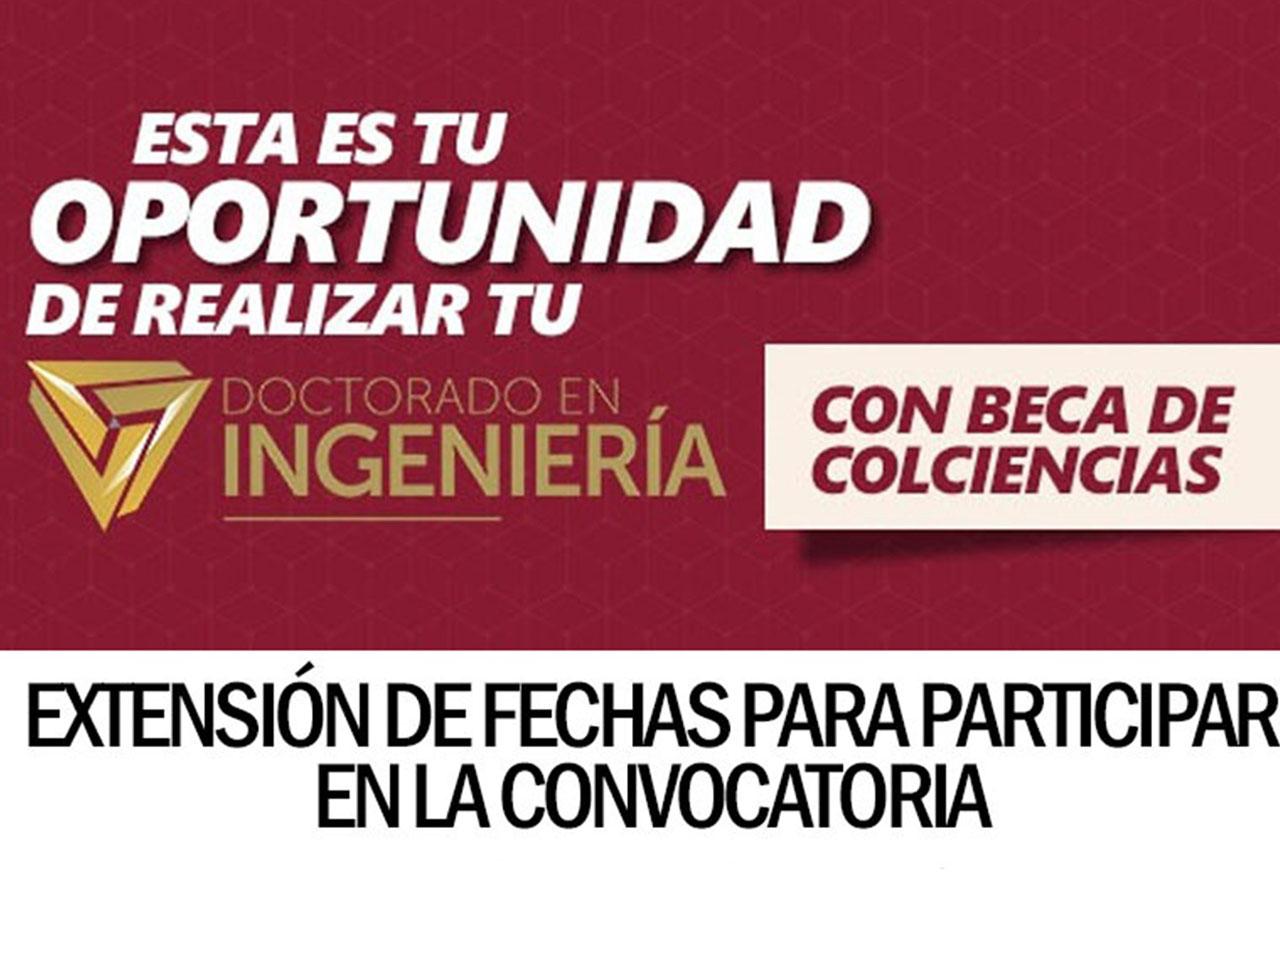 Extensión de fechas Convocatoria Bicentenario Colciencias